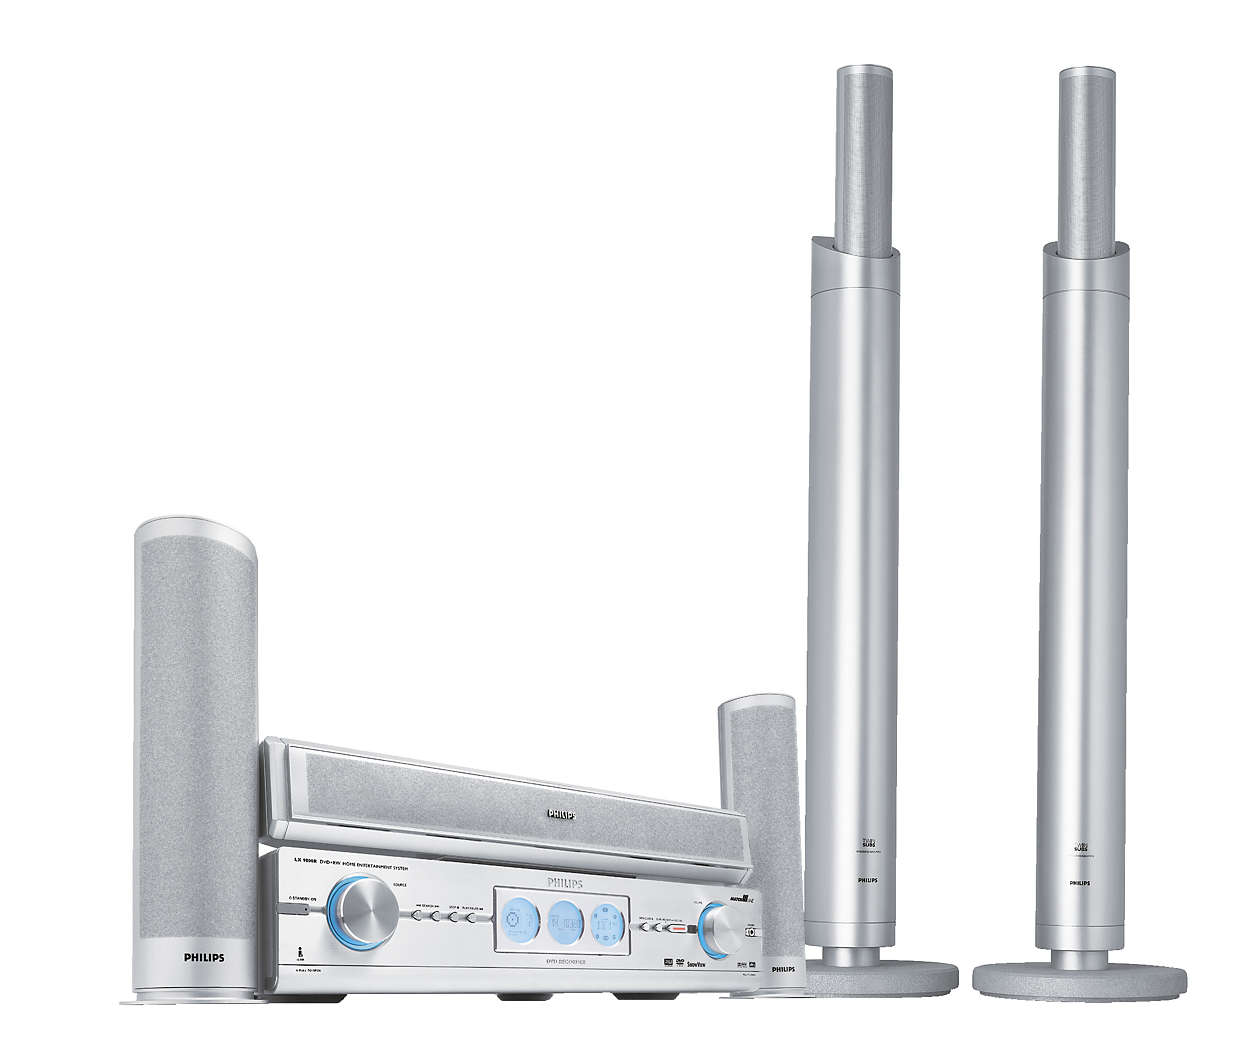 เทคโนโลยี DVD ล่าสุด, การบันทึกและเสียง